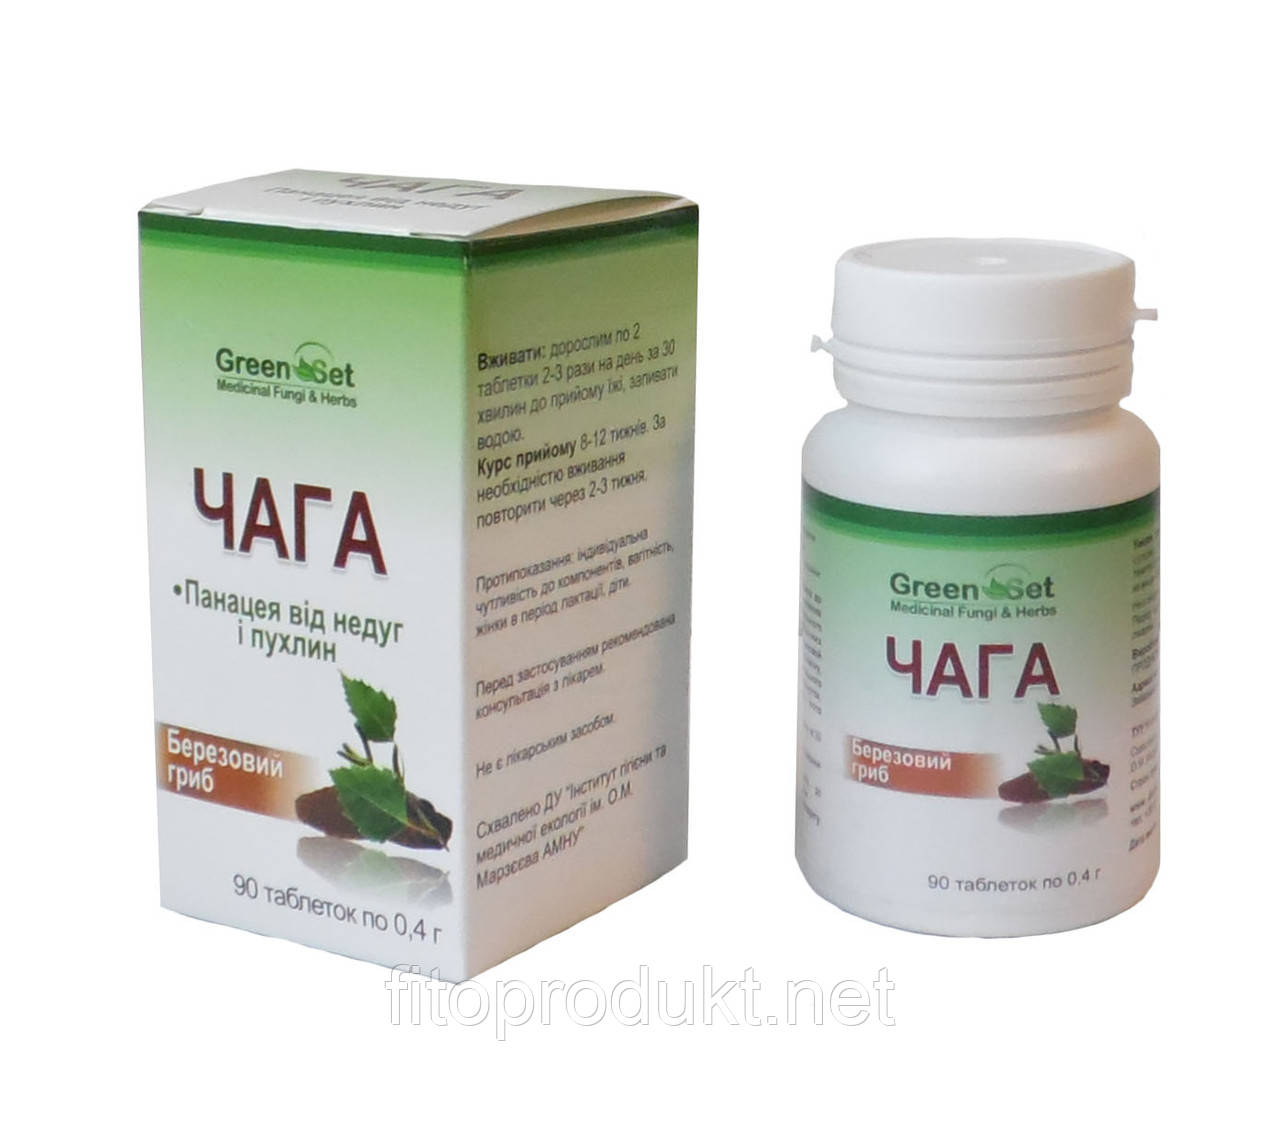 БАД Чага - березовый гриб для профилактики онкозаболеваний 90 таблеток